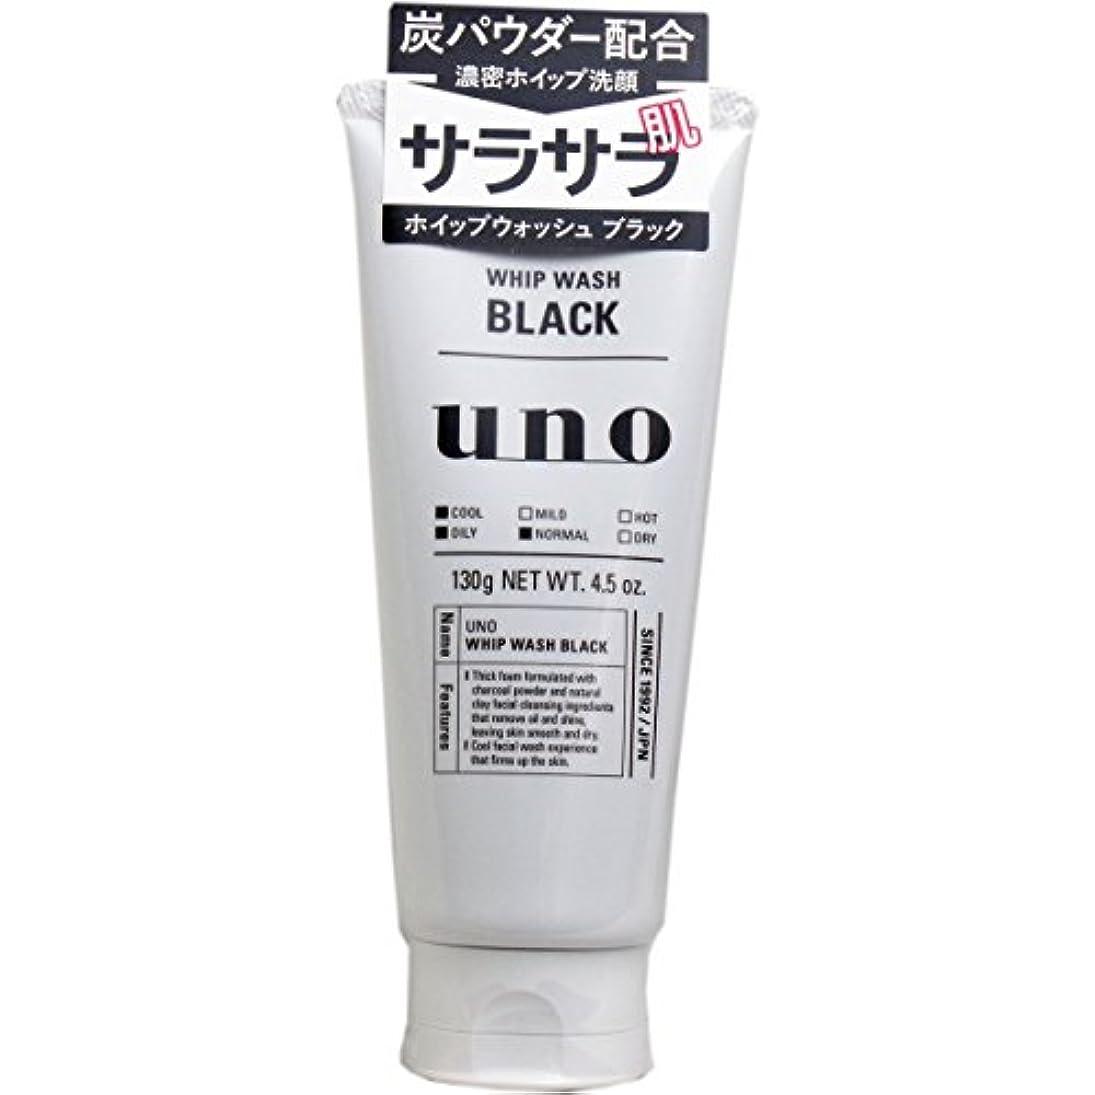 パンフレット比率協力する【まとめ買い】ウーノ ホイップウォッシュ (ブラック) 洗顔料 130g×4個